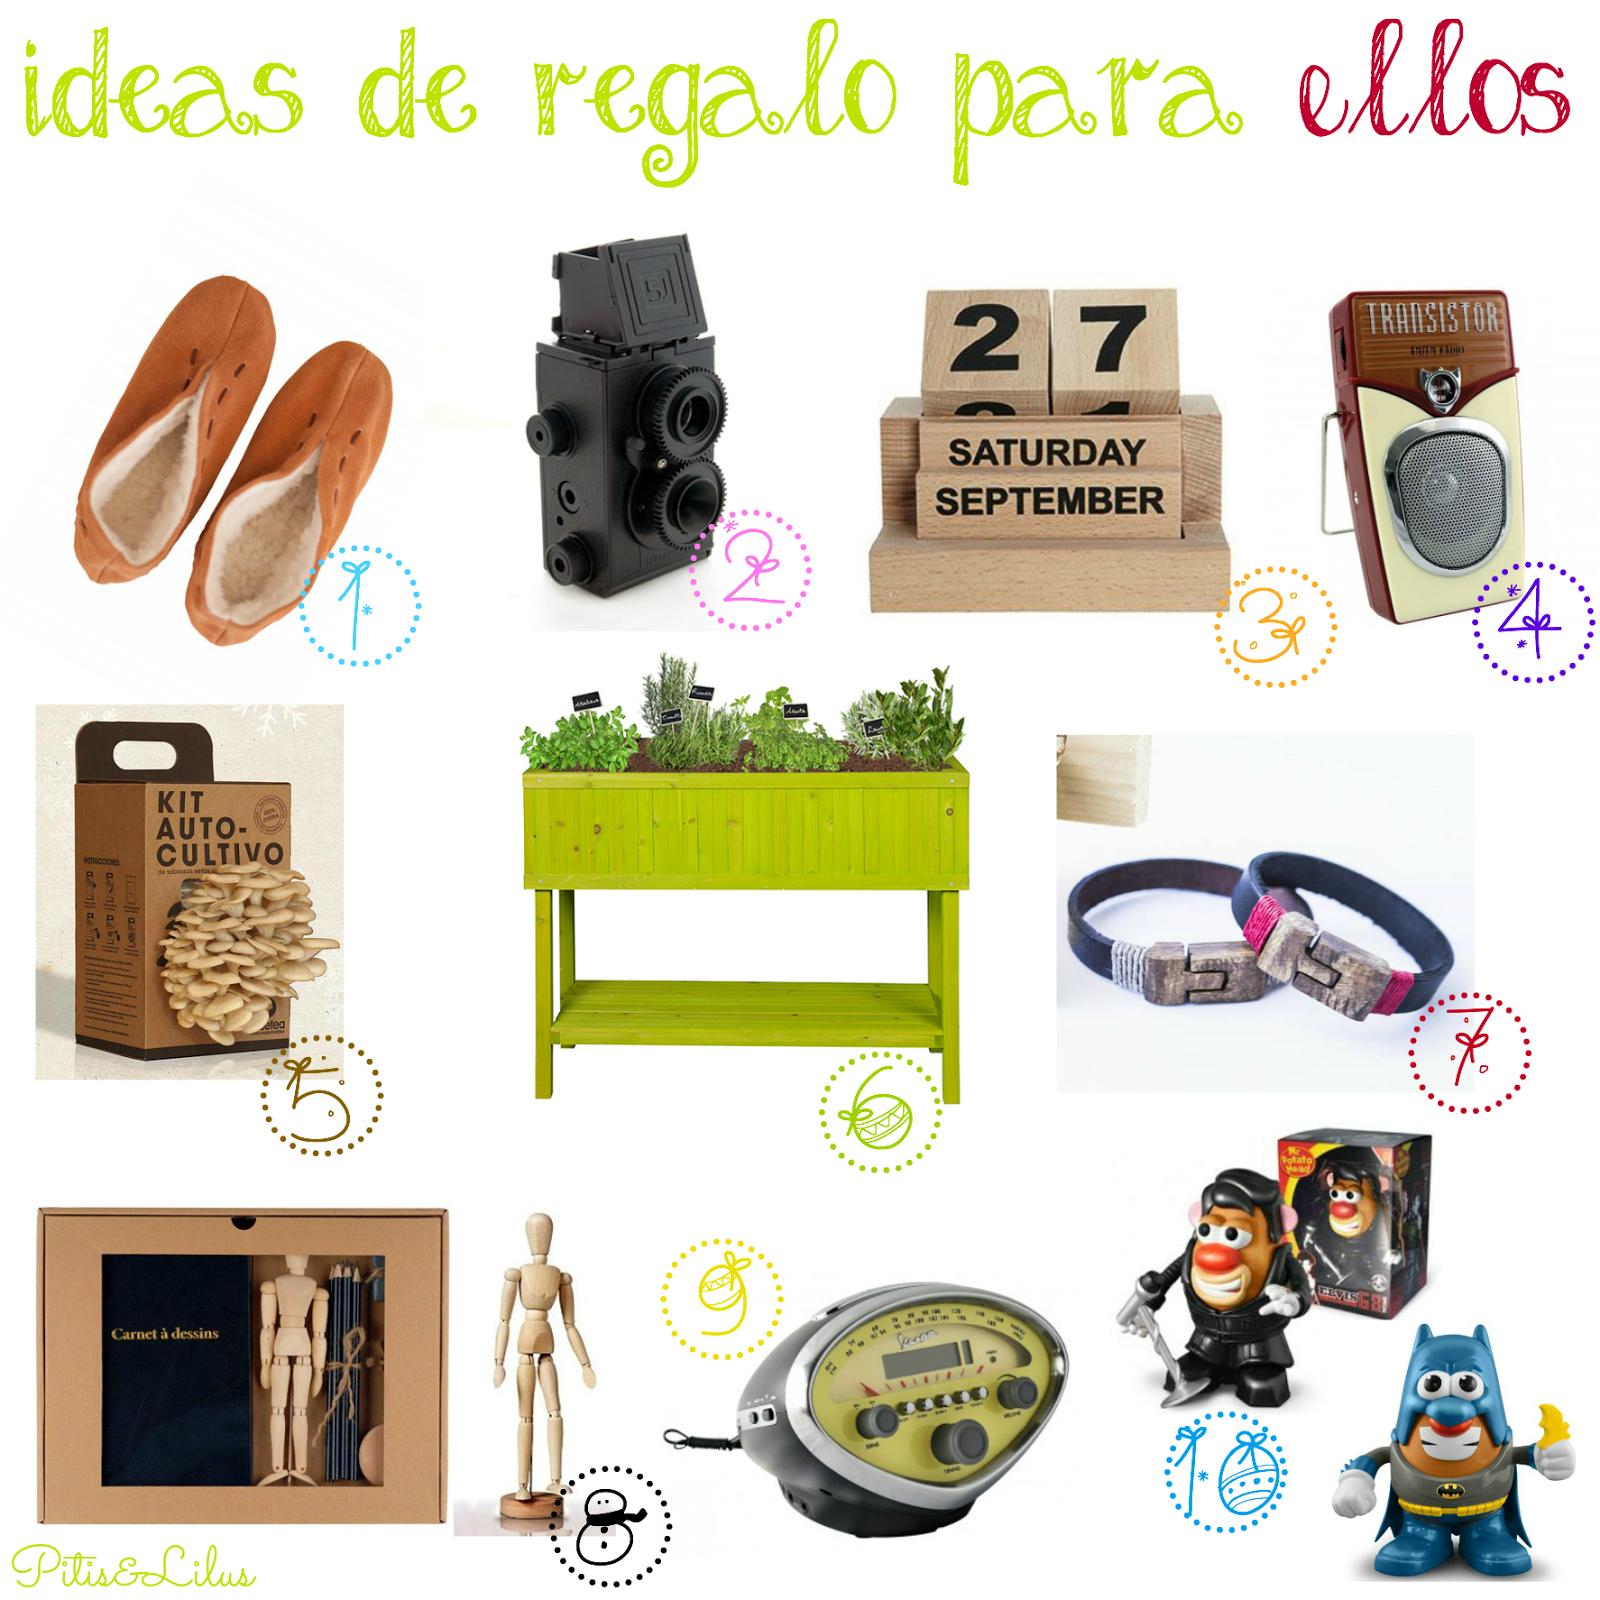 Pitis and lilus diciembre 2014 for Regalos muy originales para hombres